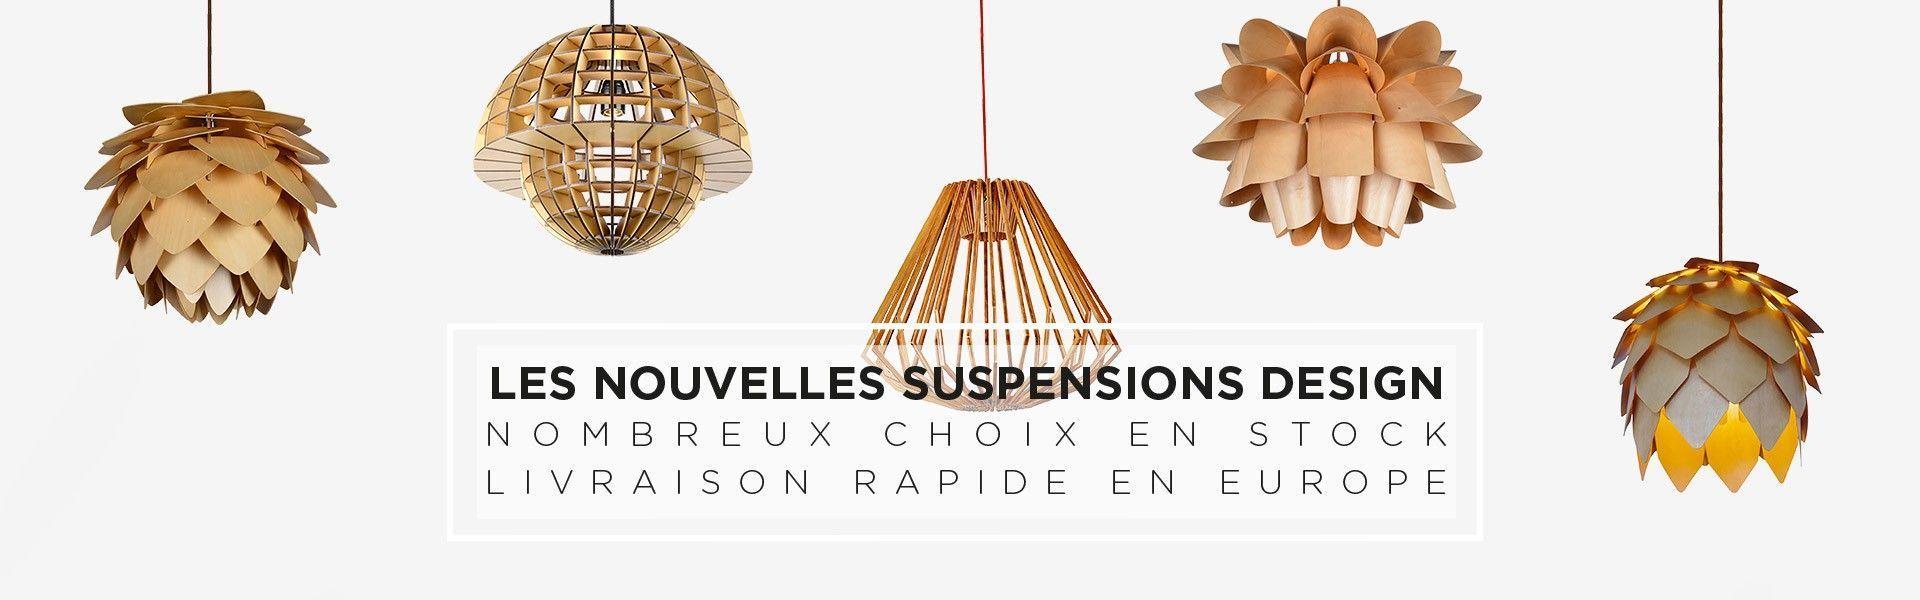 nouvelles lampes suspendues